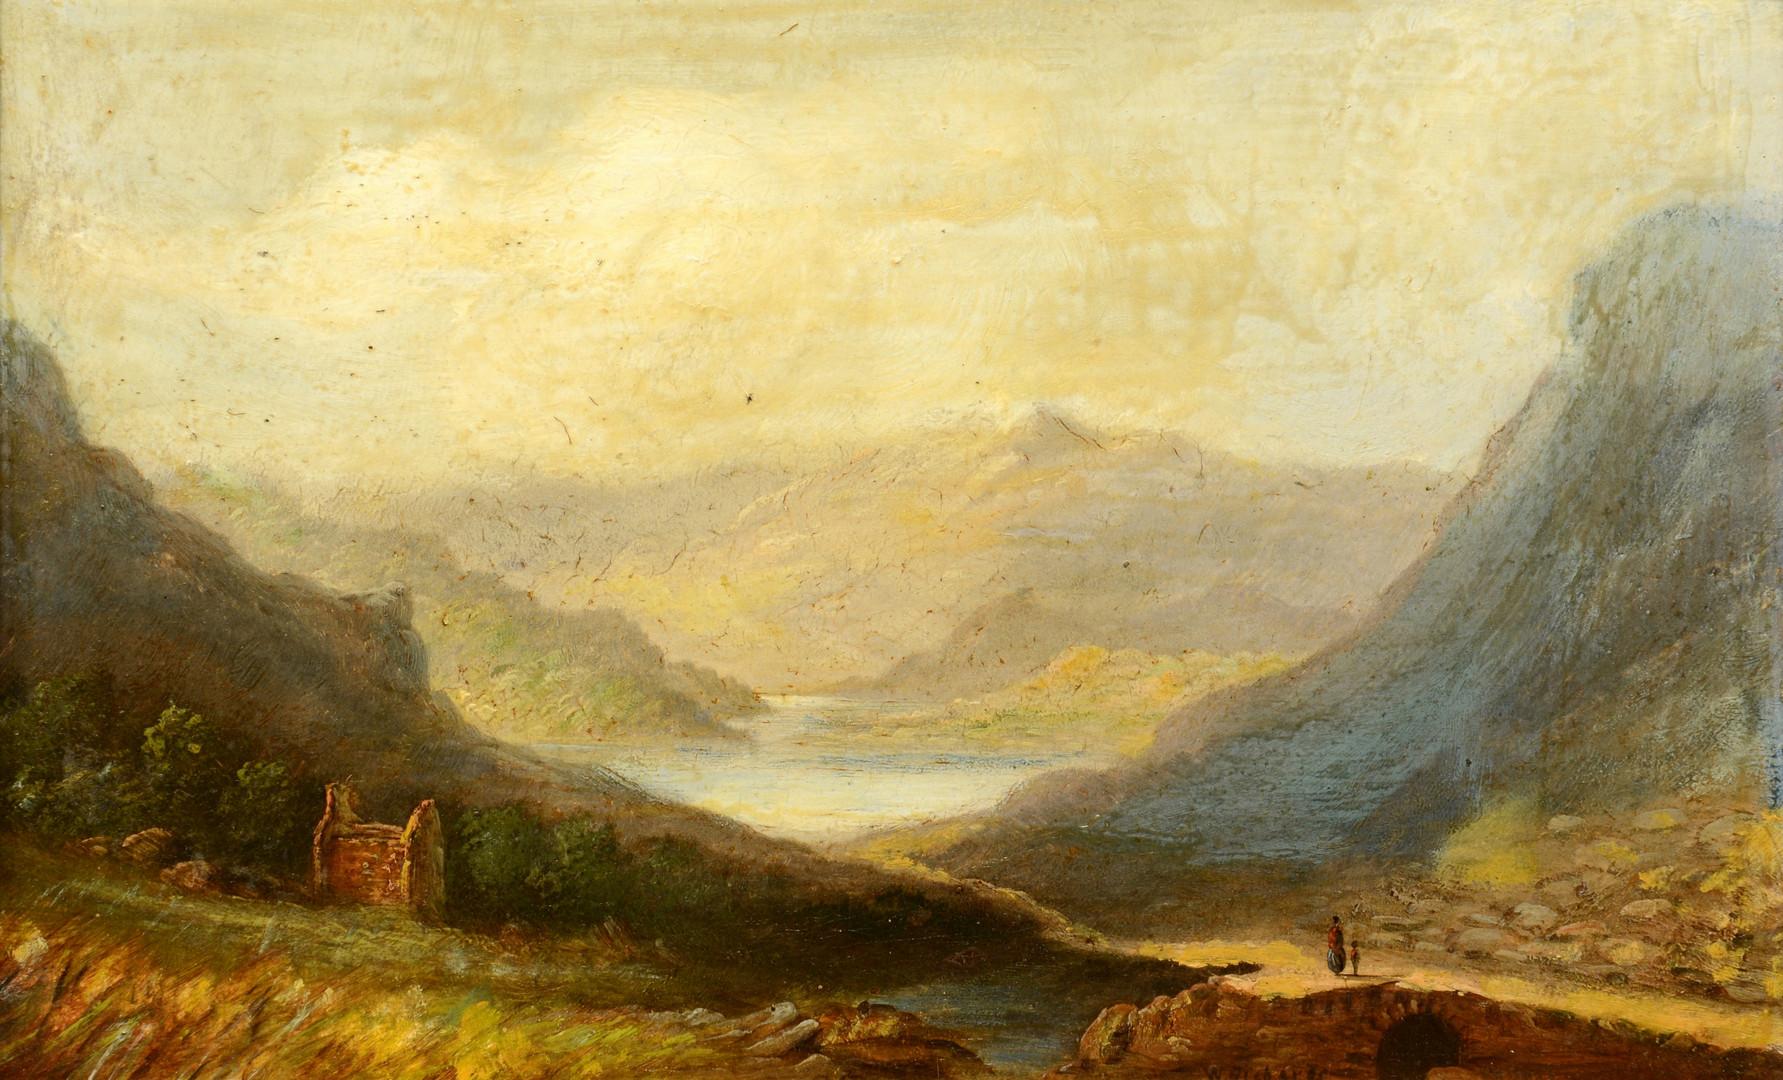 Lot 853: English Landscape, Kirkstone Pass